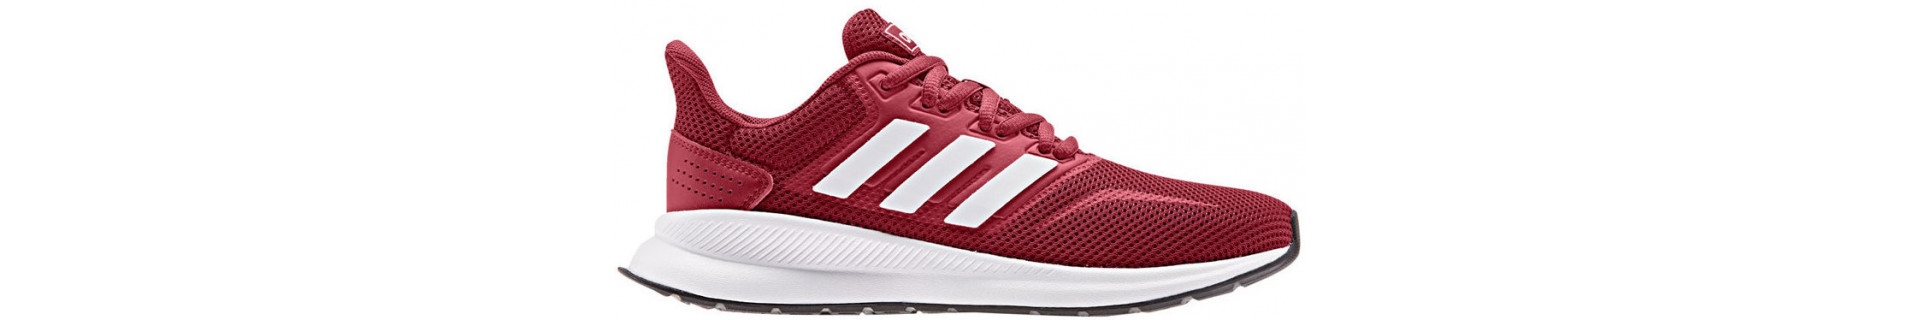 Zapatillas de running para niño y niña, Adidas, Nike, Reebok